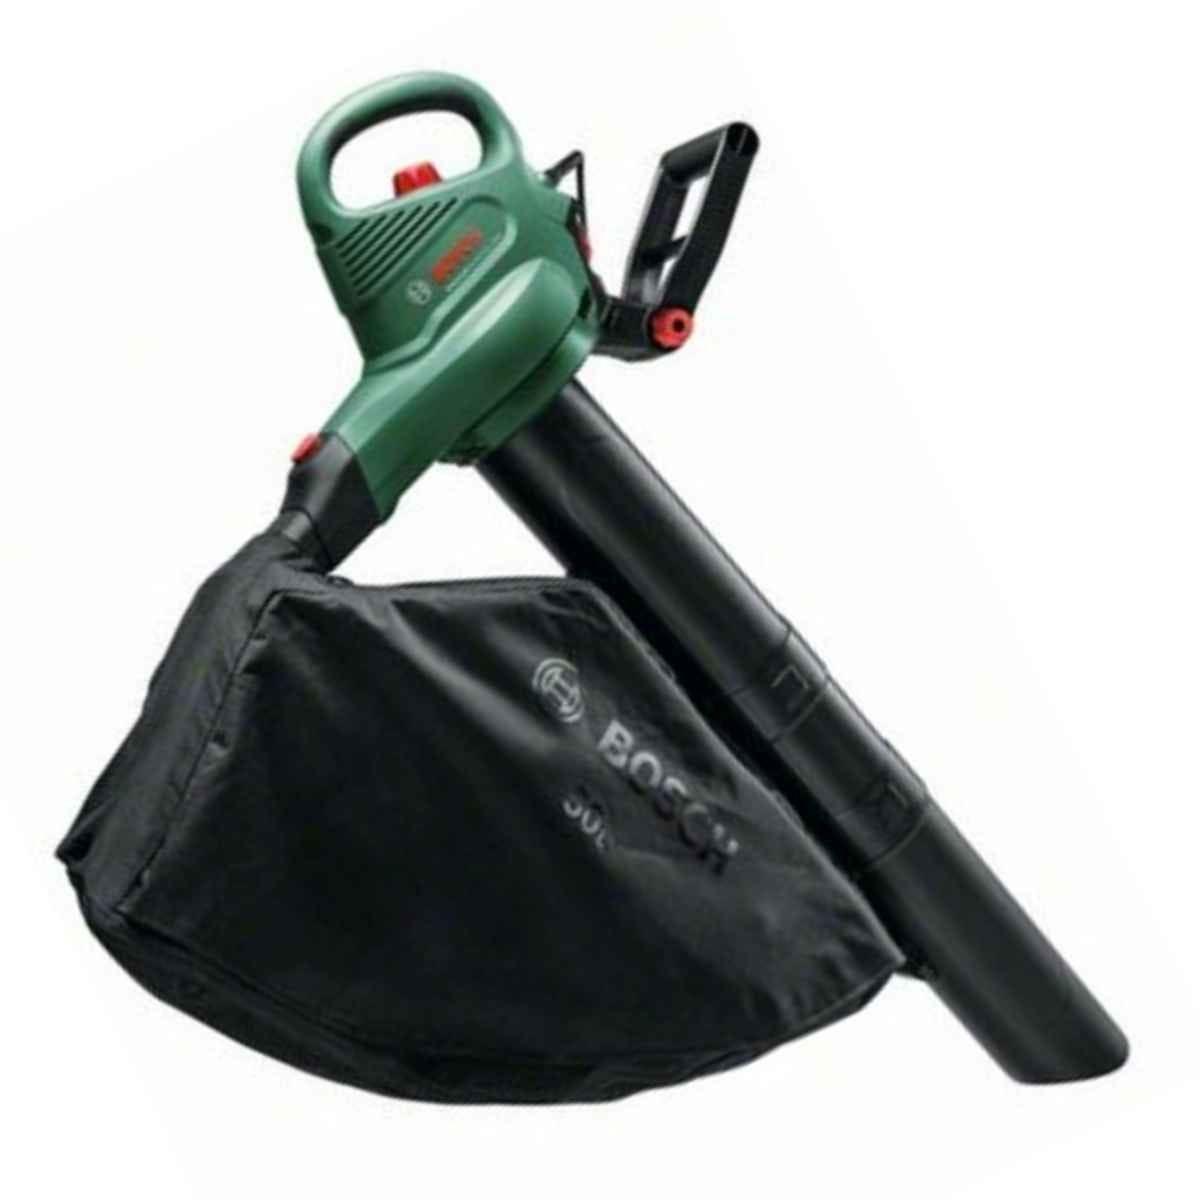 Bosch UniversalGardenTidy 3000 Corded Garden Vacuum/Leaf Blower